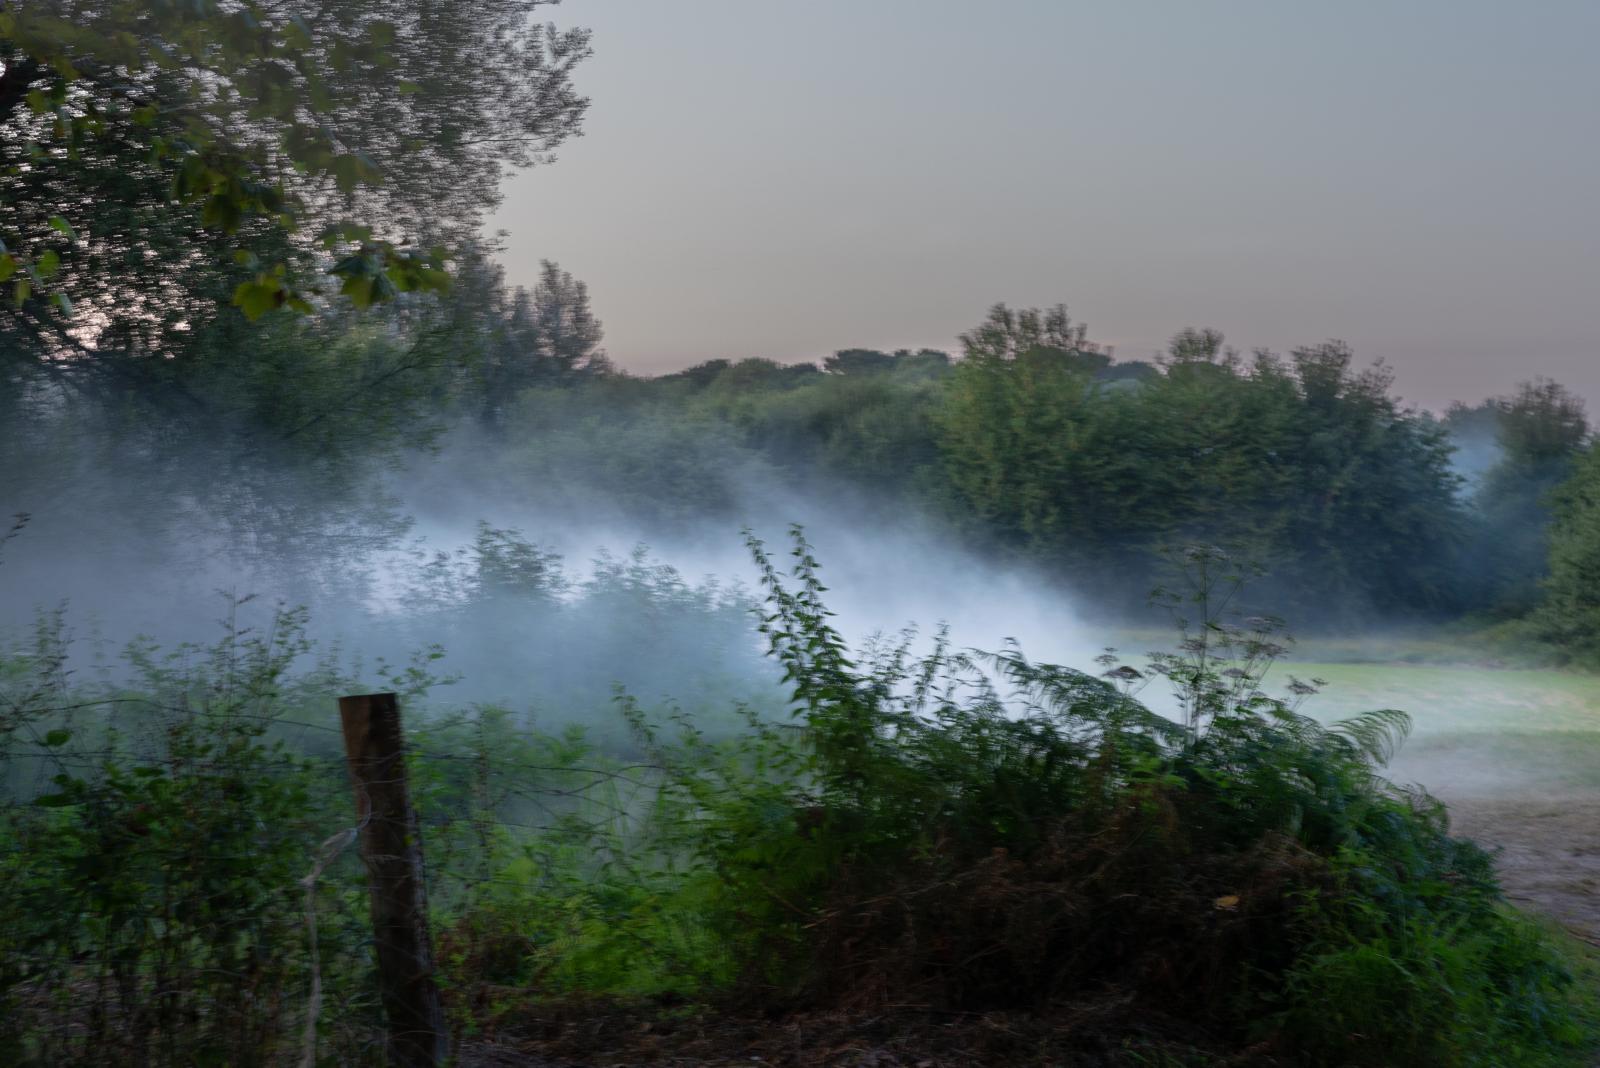 Vendredi 23 août 2019 - Tir de gaz lacrymogènes dans la campagne aux abords du campement des opposants au G7. [G7 2019 de Biarritz]